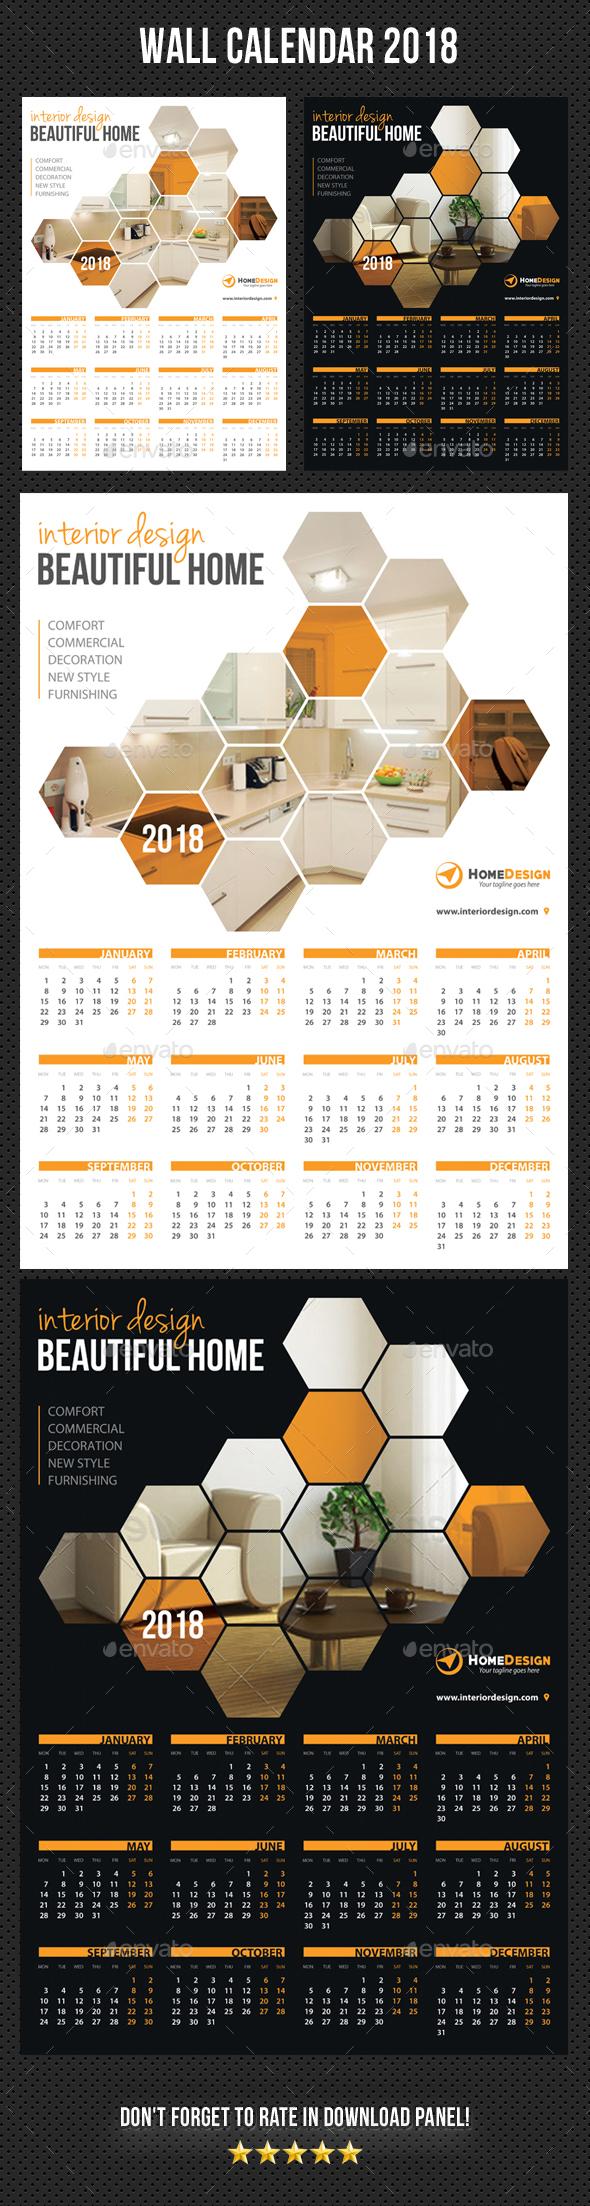 Wall Calendar 2018 V04